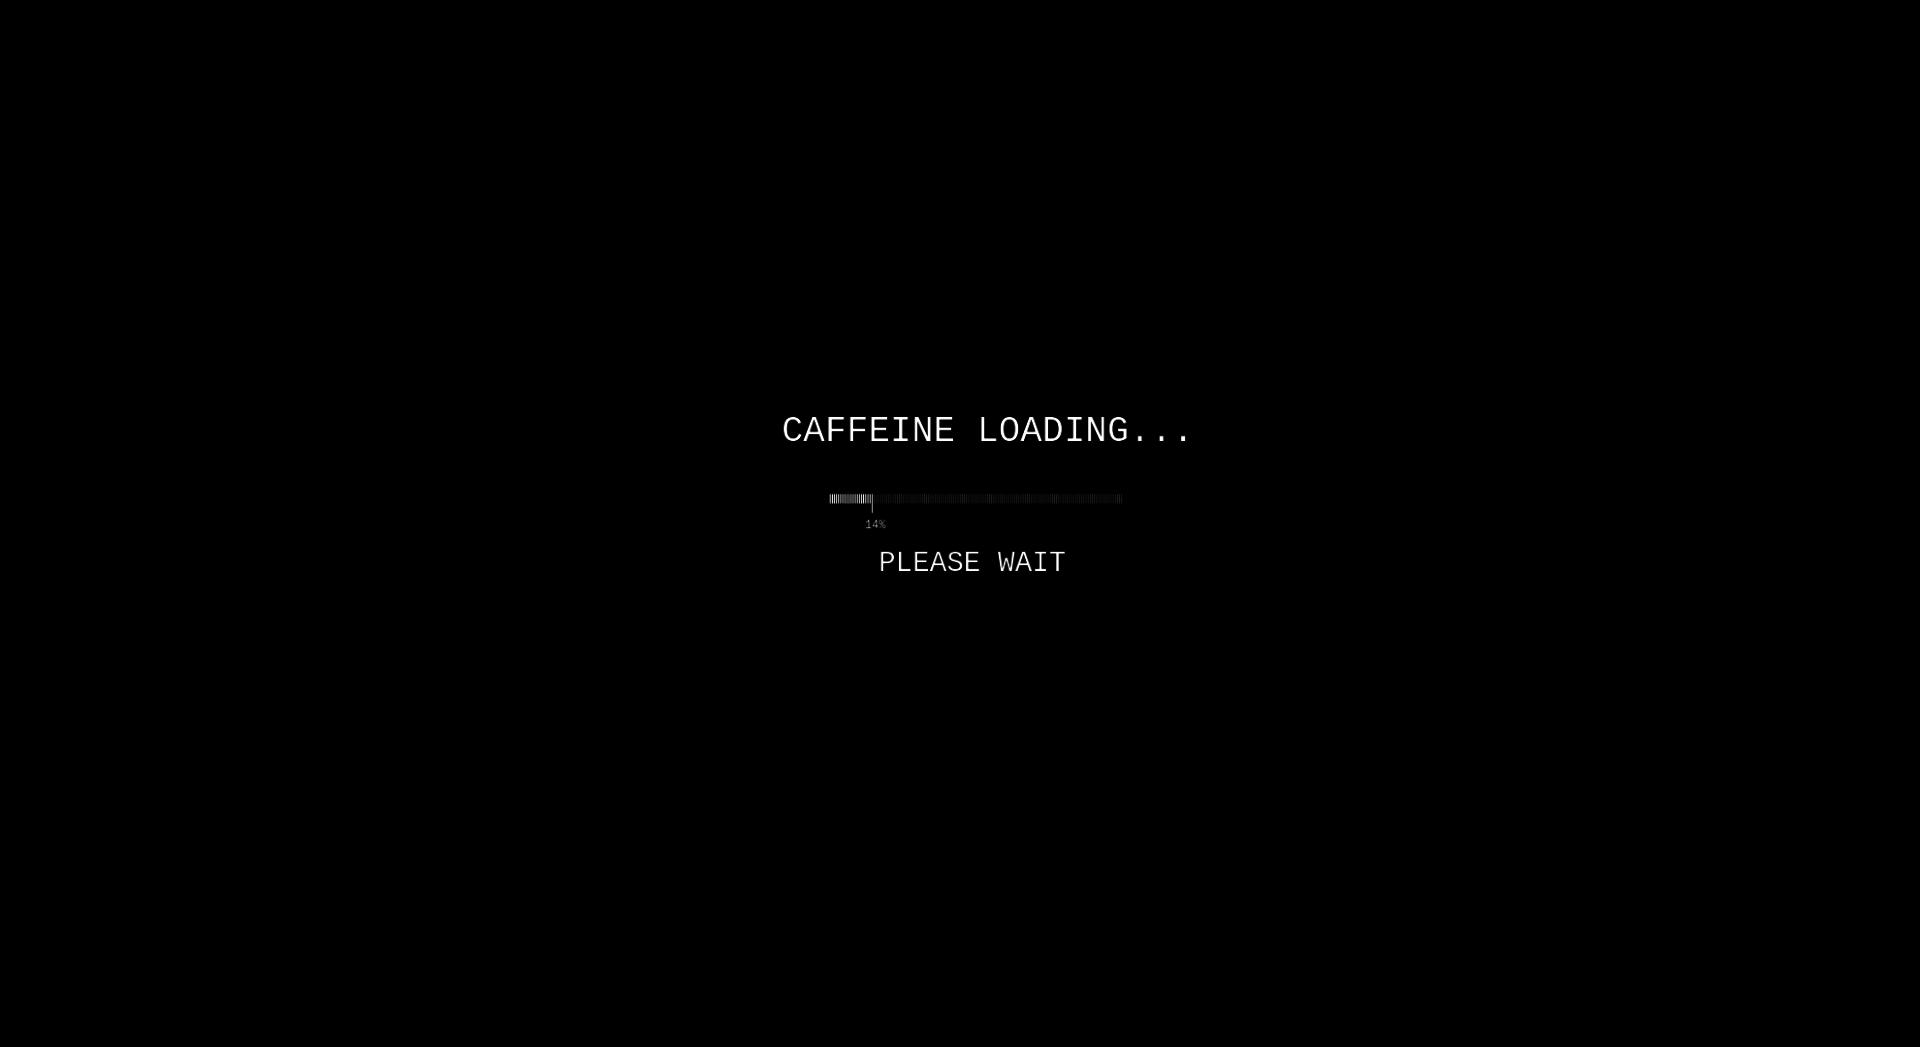 Caffeine loading please wait hd wallpaper background image 1980x1080 id 428151 - Wait wallpaper hd ...